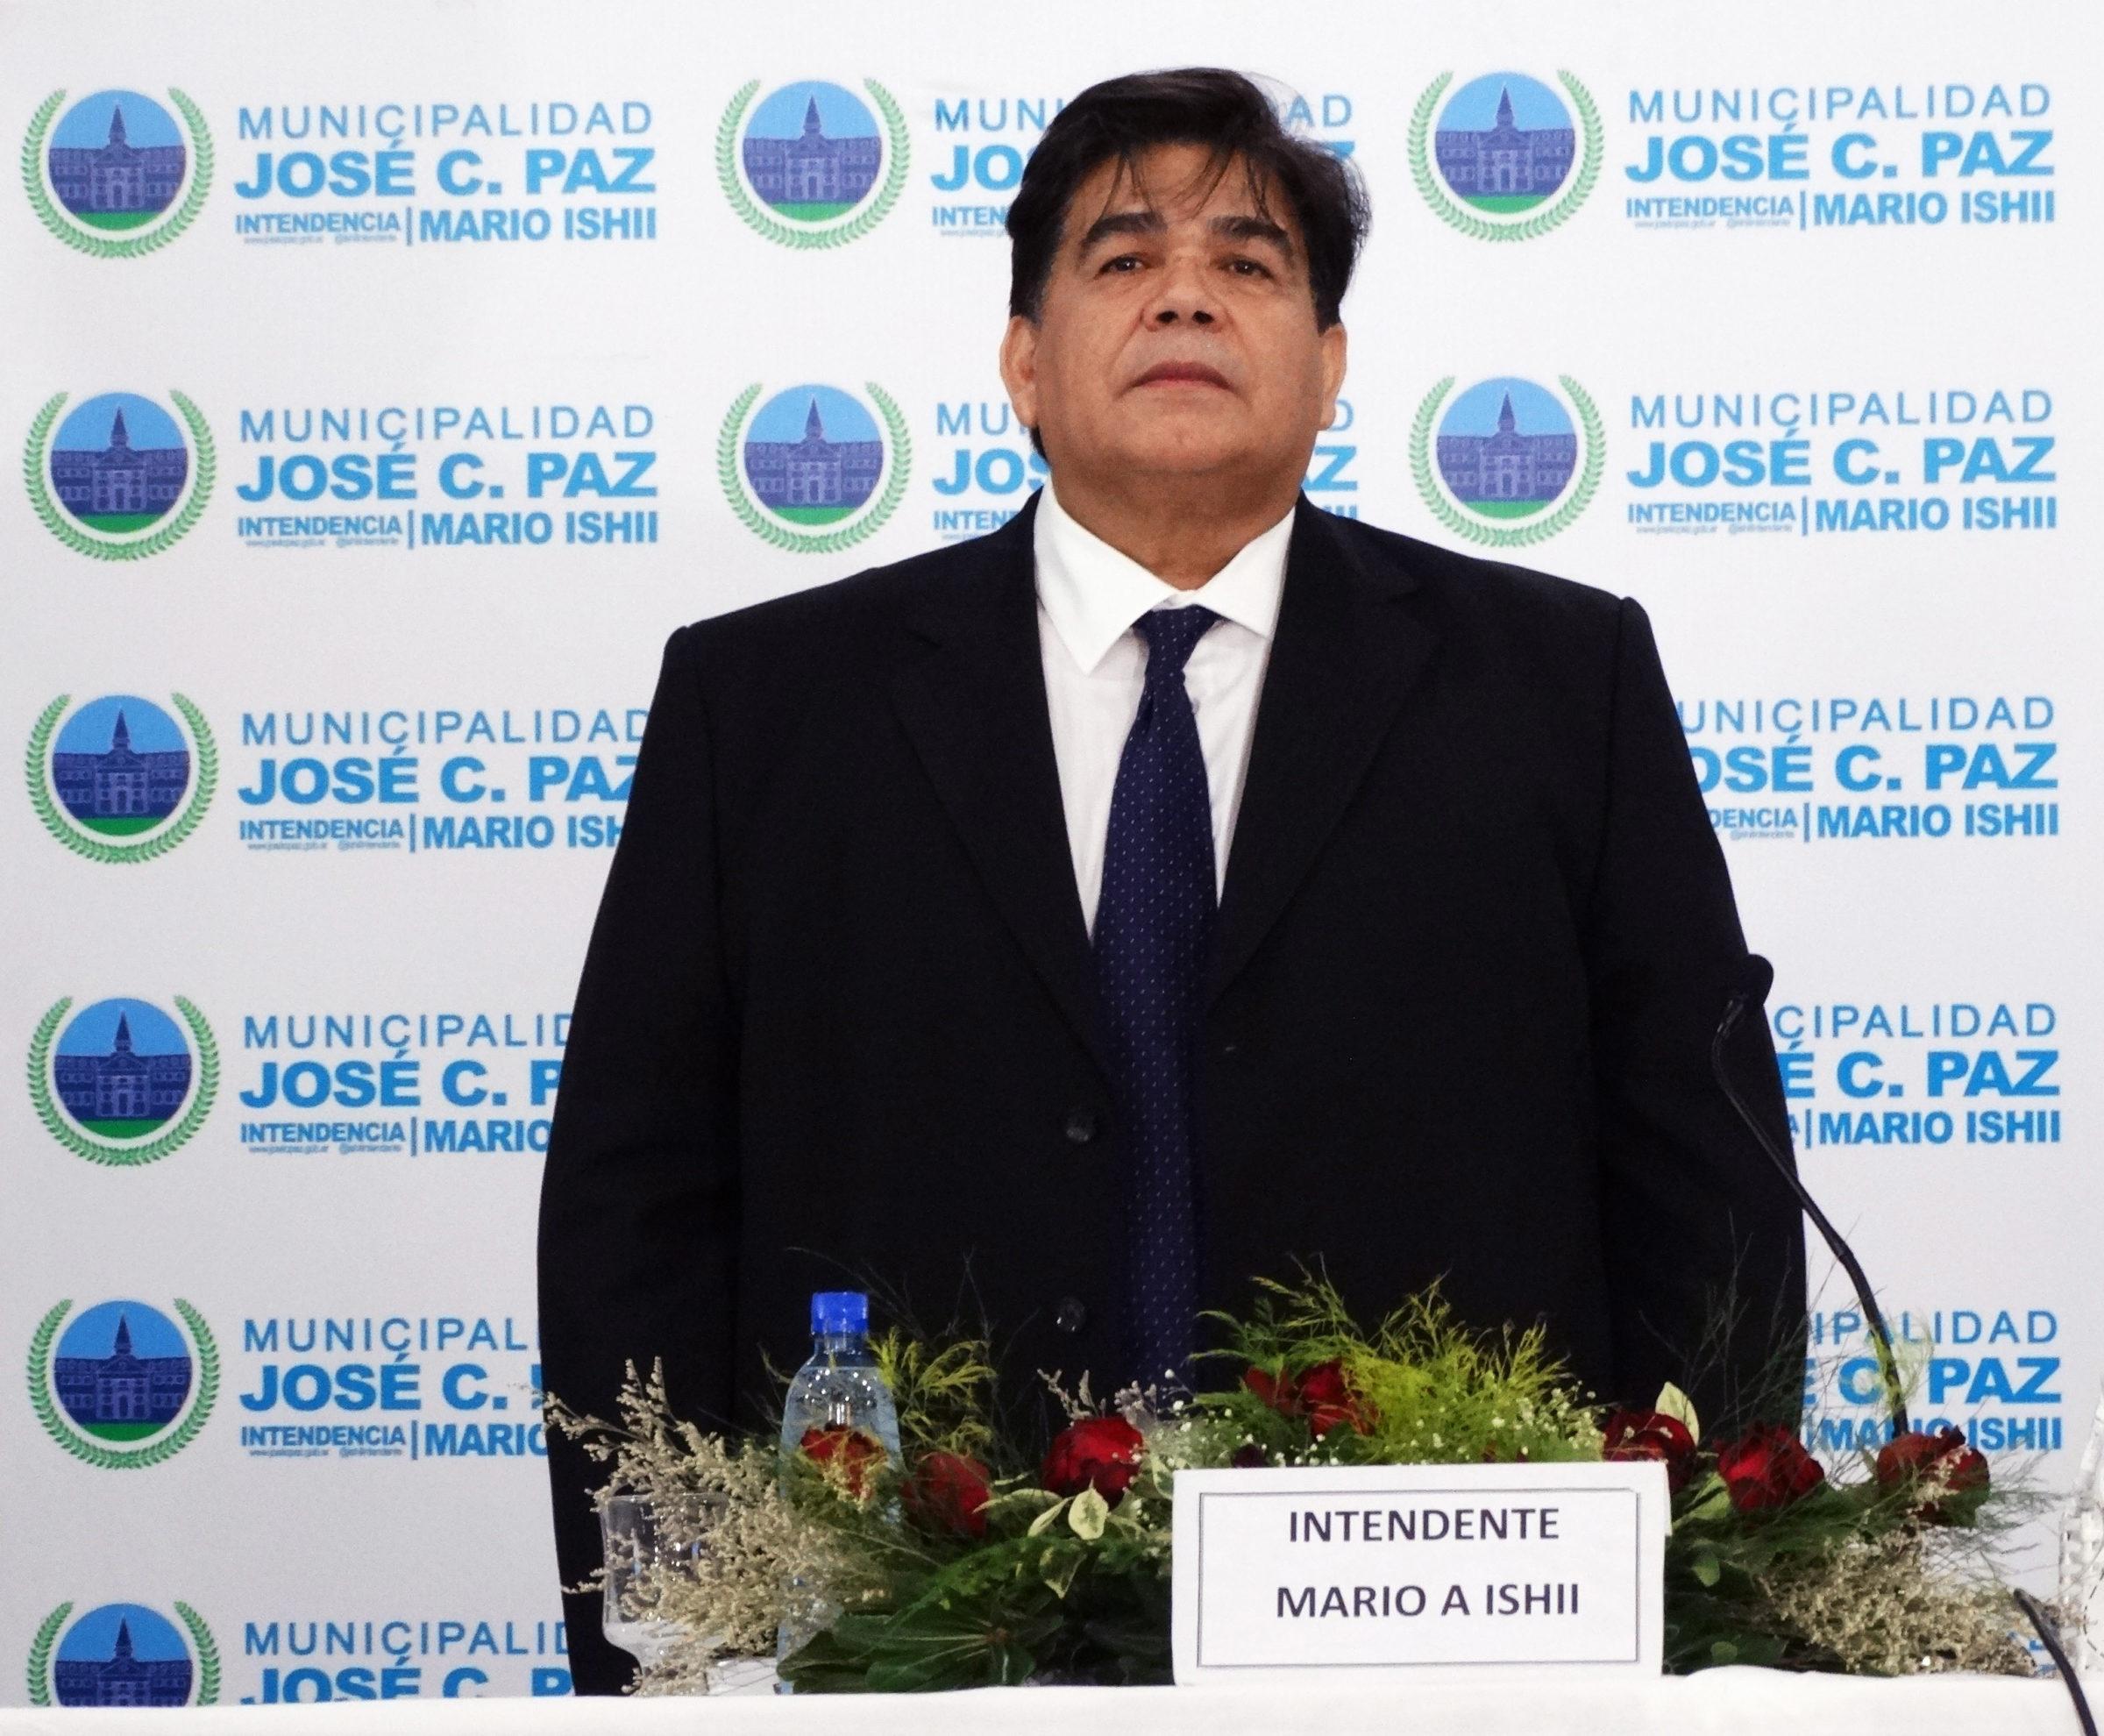 Mario Ishii Se Presento Fuertemente Ante El Juzgado